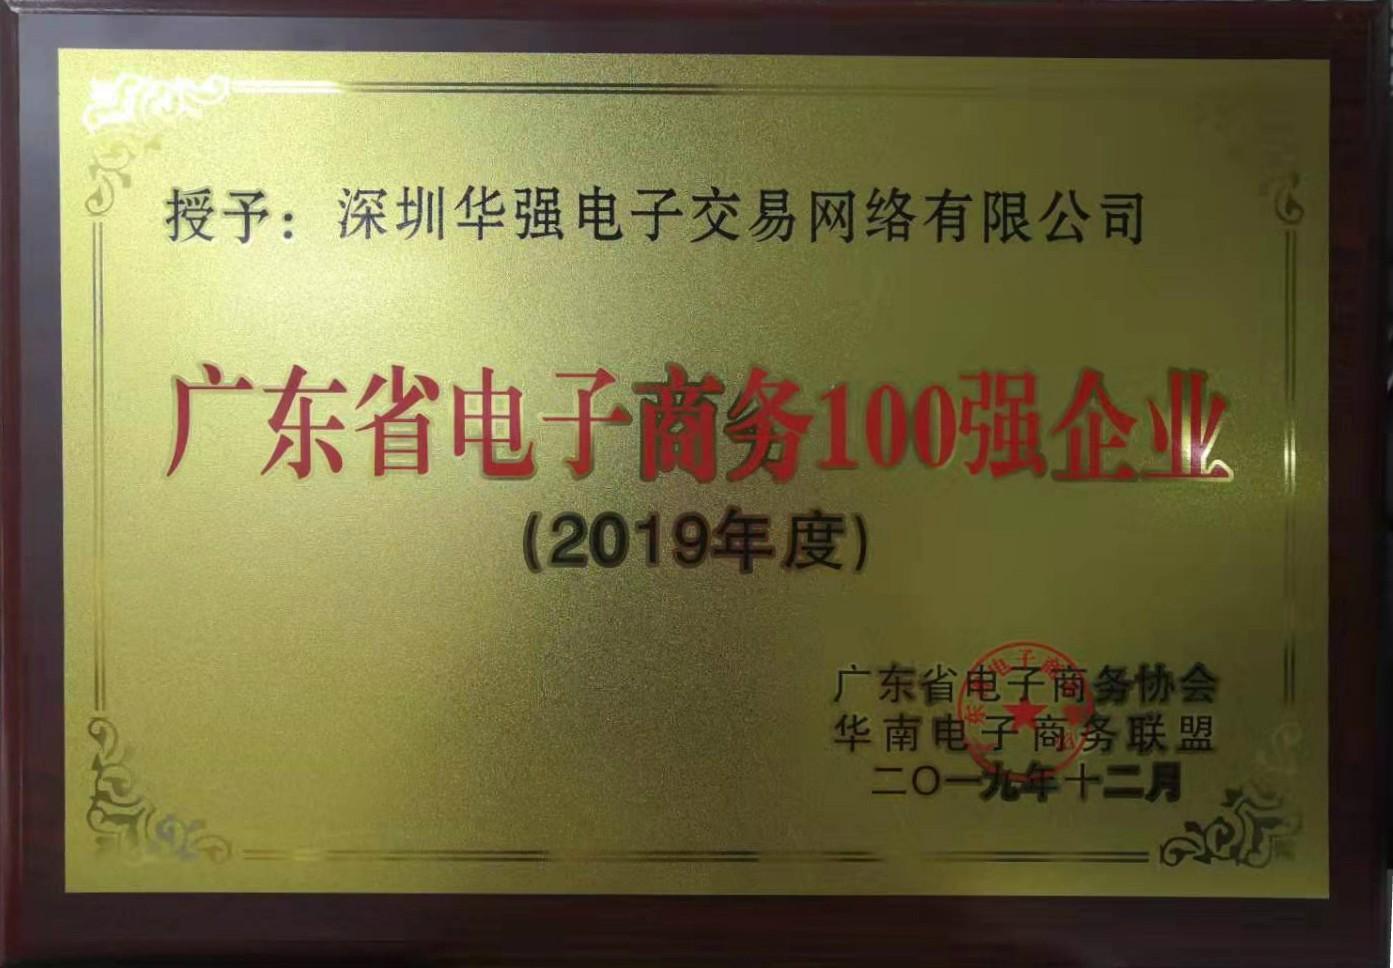 7.廣東省電子商務100強企業牌匾.jpg